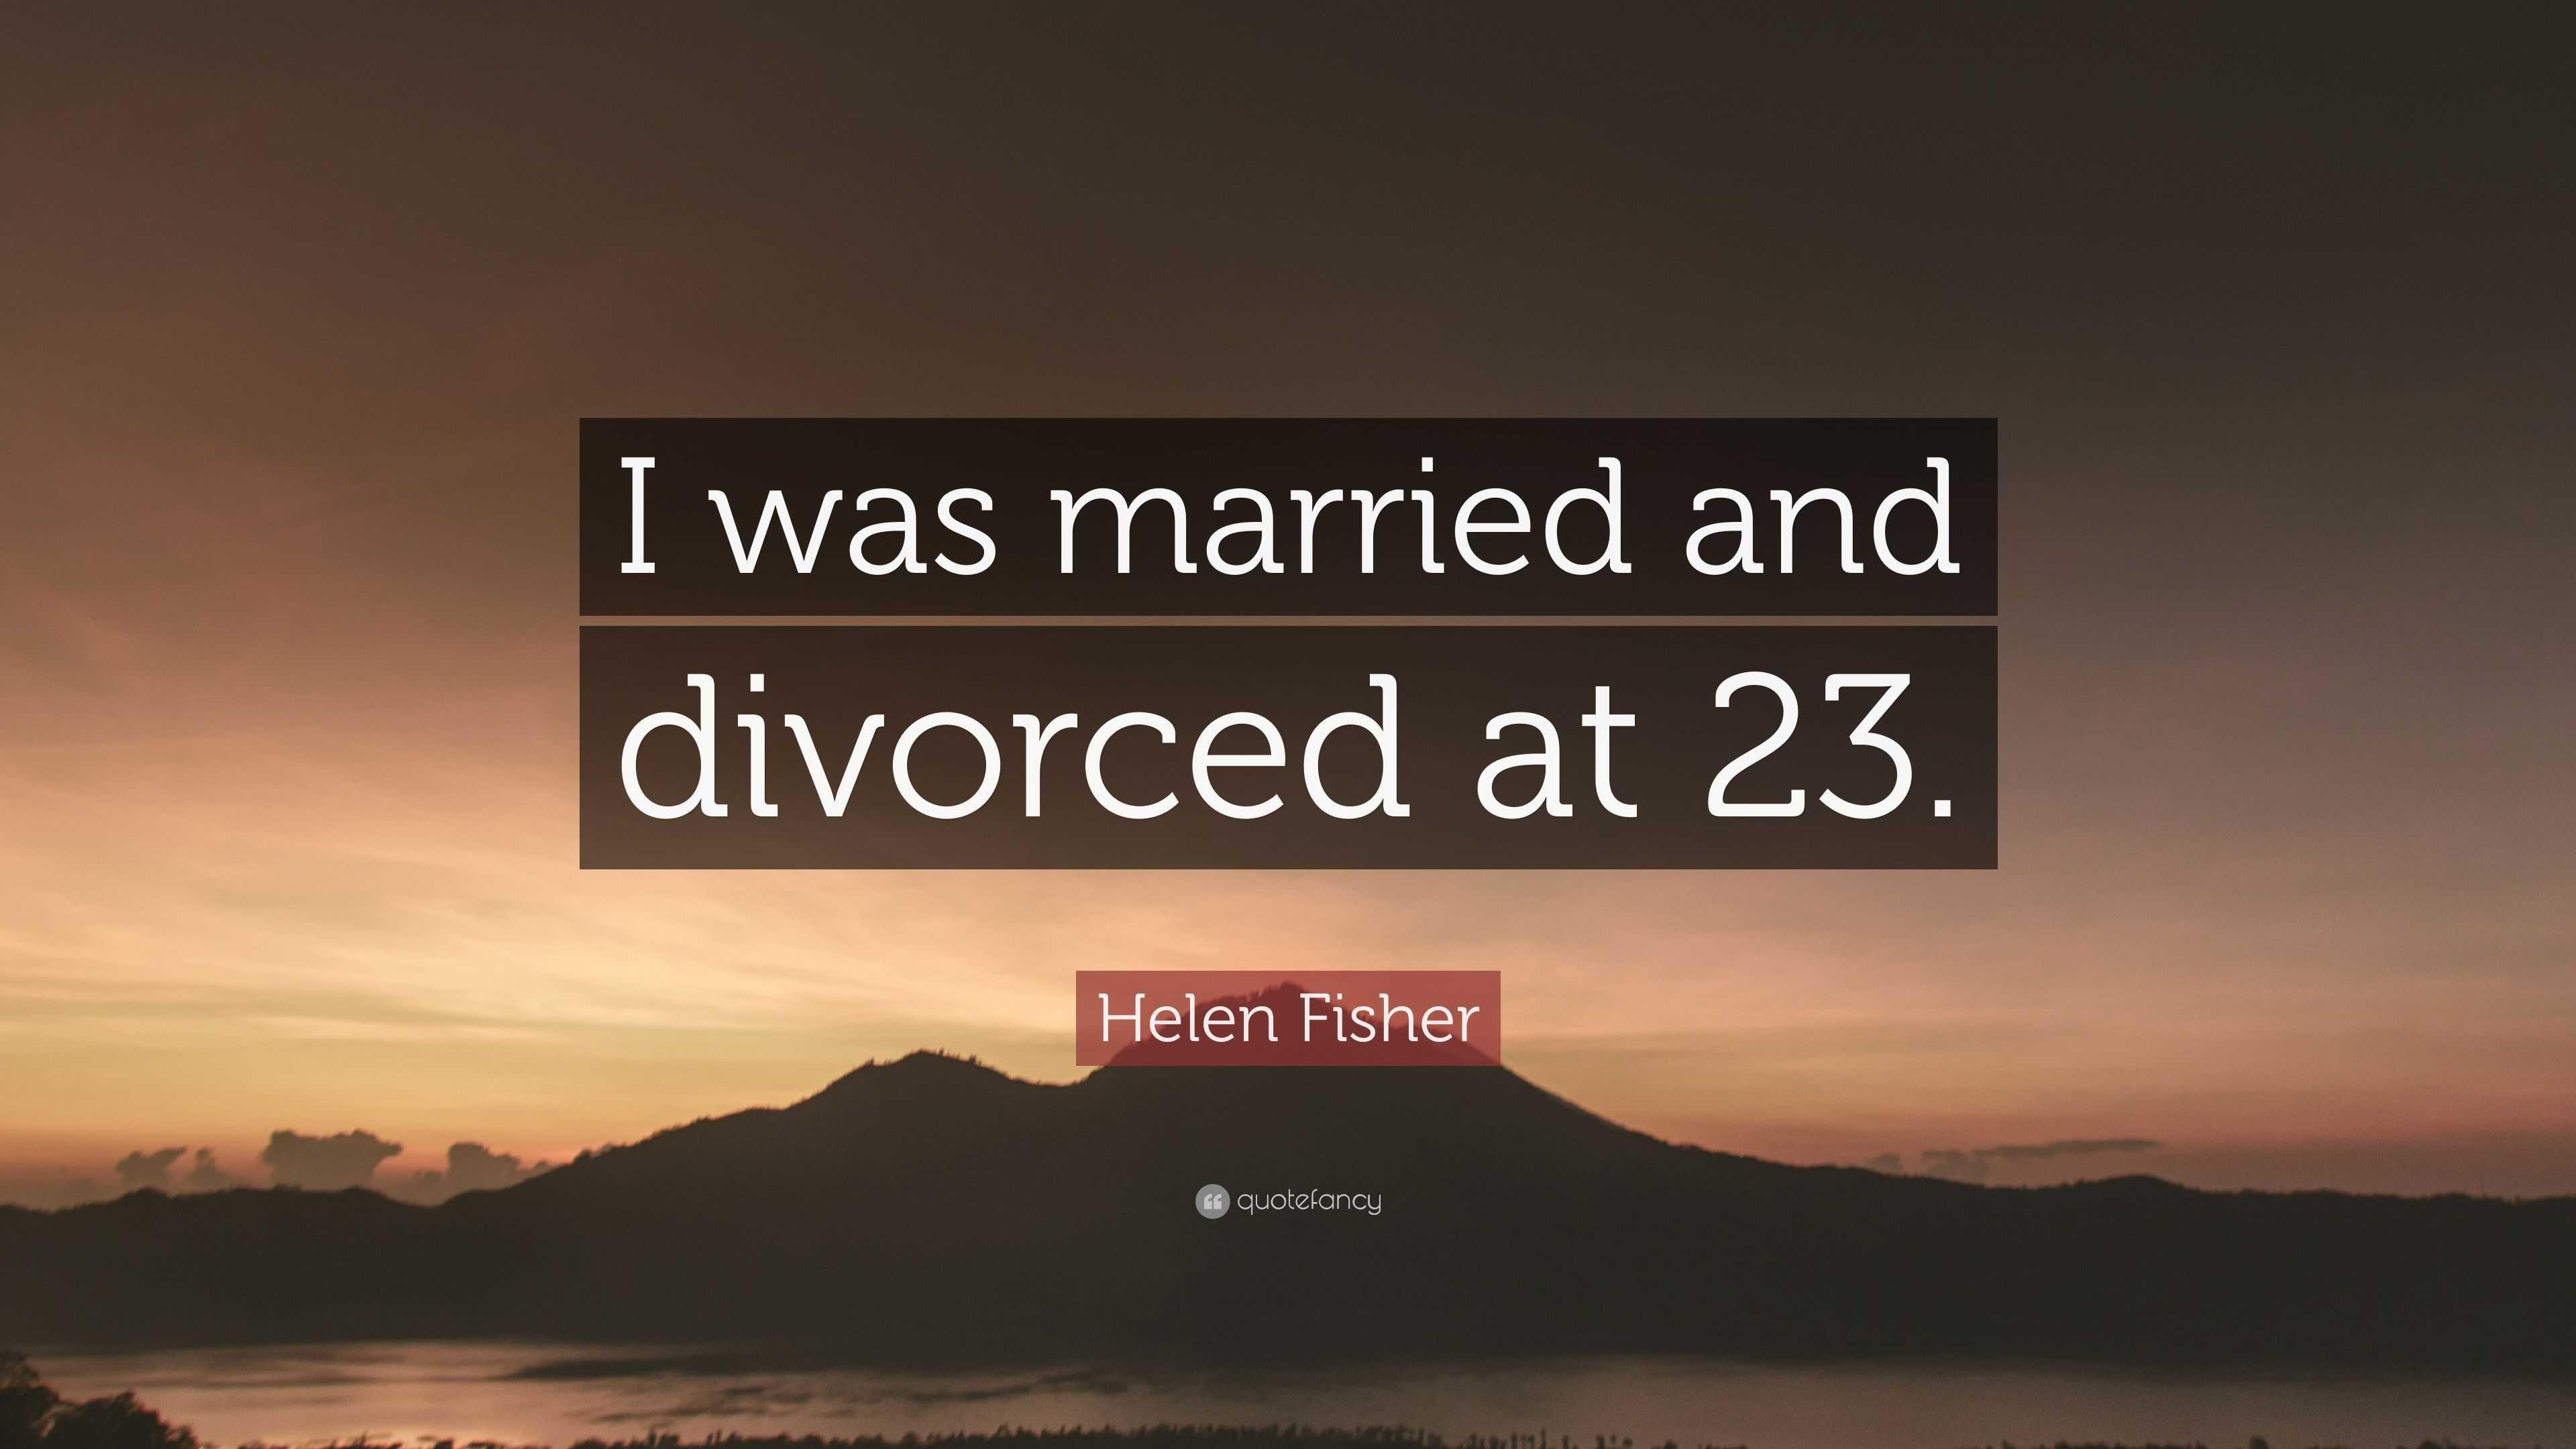 Is helen fisher married